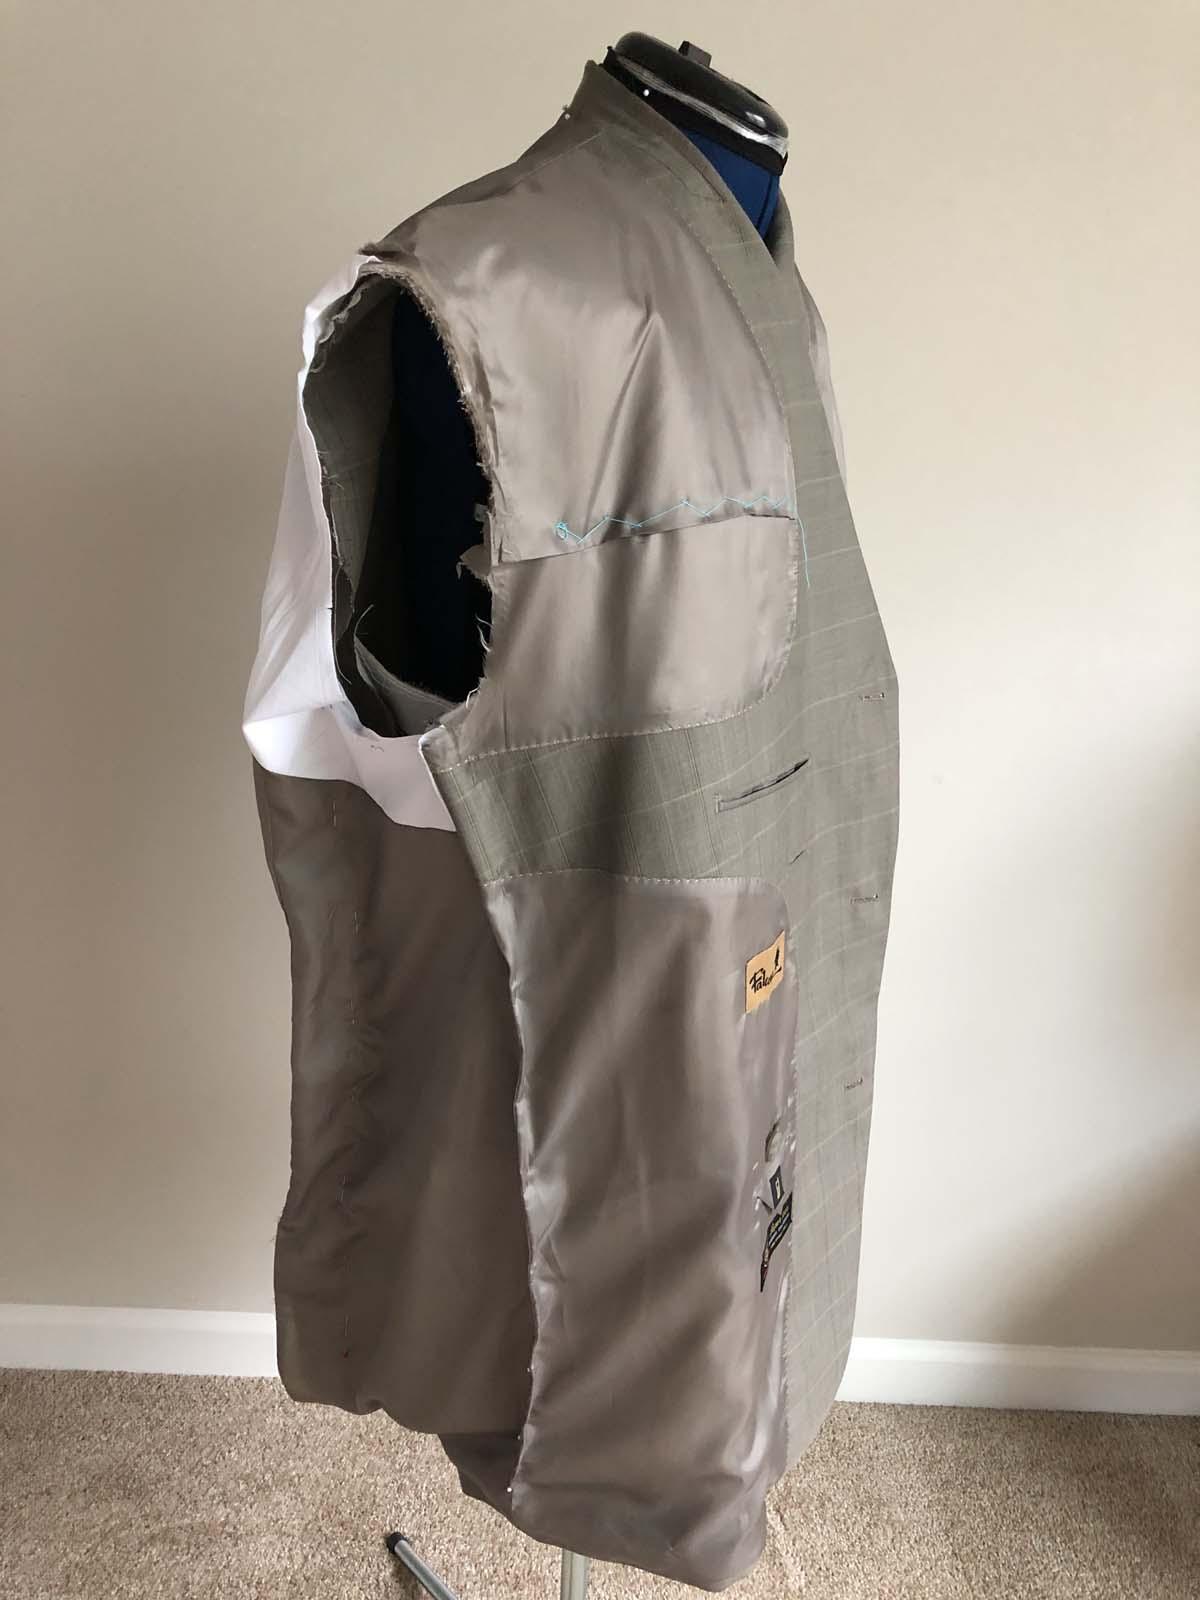 Adjusting the side-front dart on the men's suit jacket